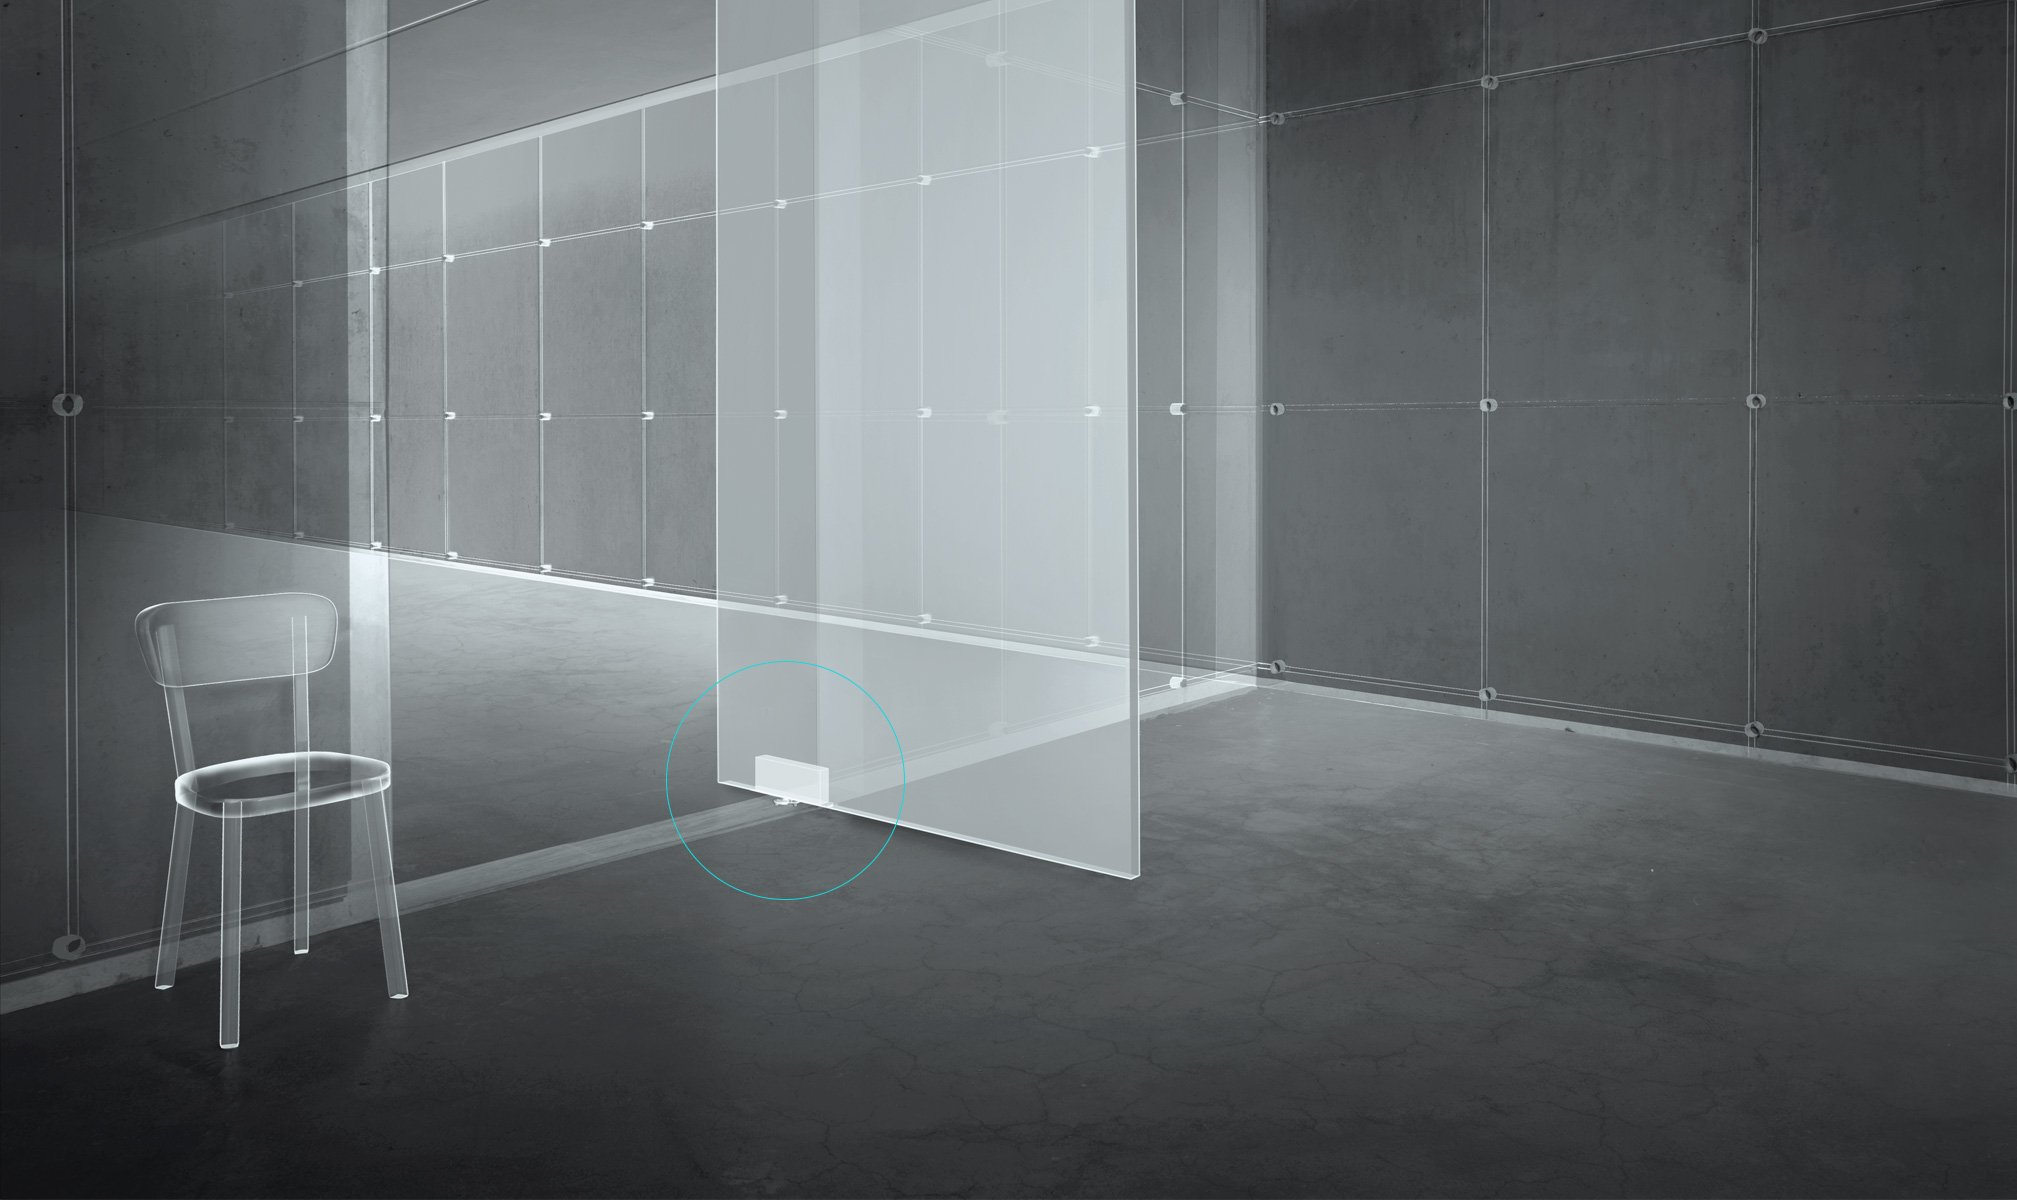 pivot-tur-mit-fritjurgens-scharnier-geoffnet-x-ray-2.jpg